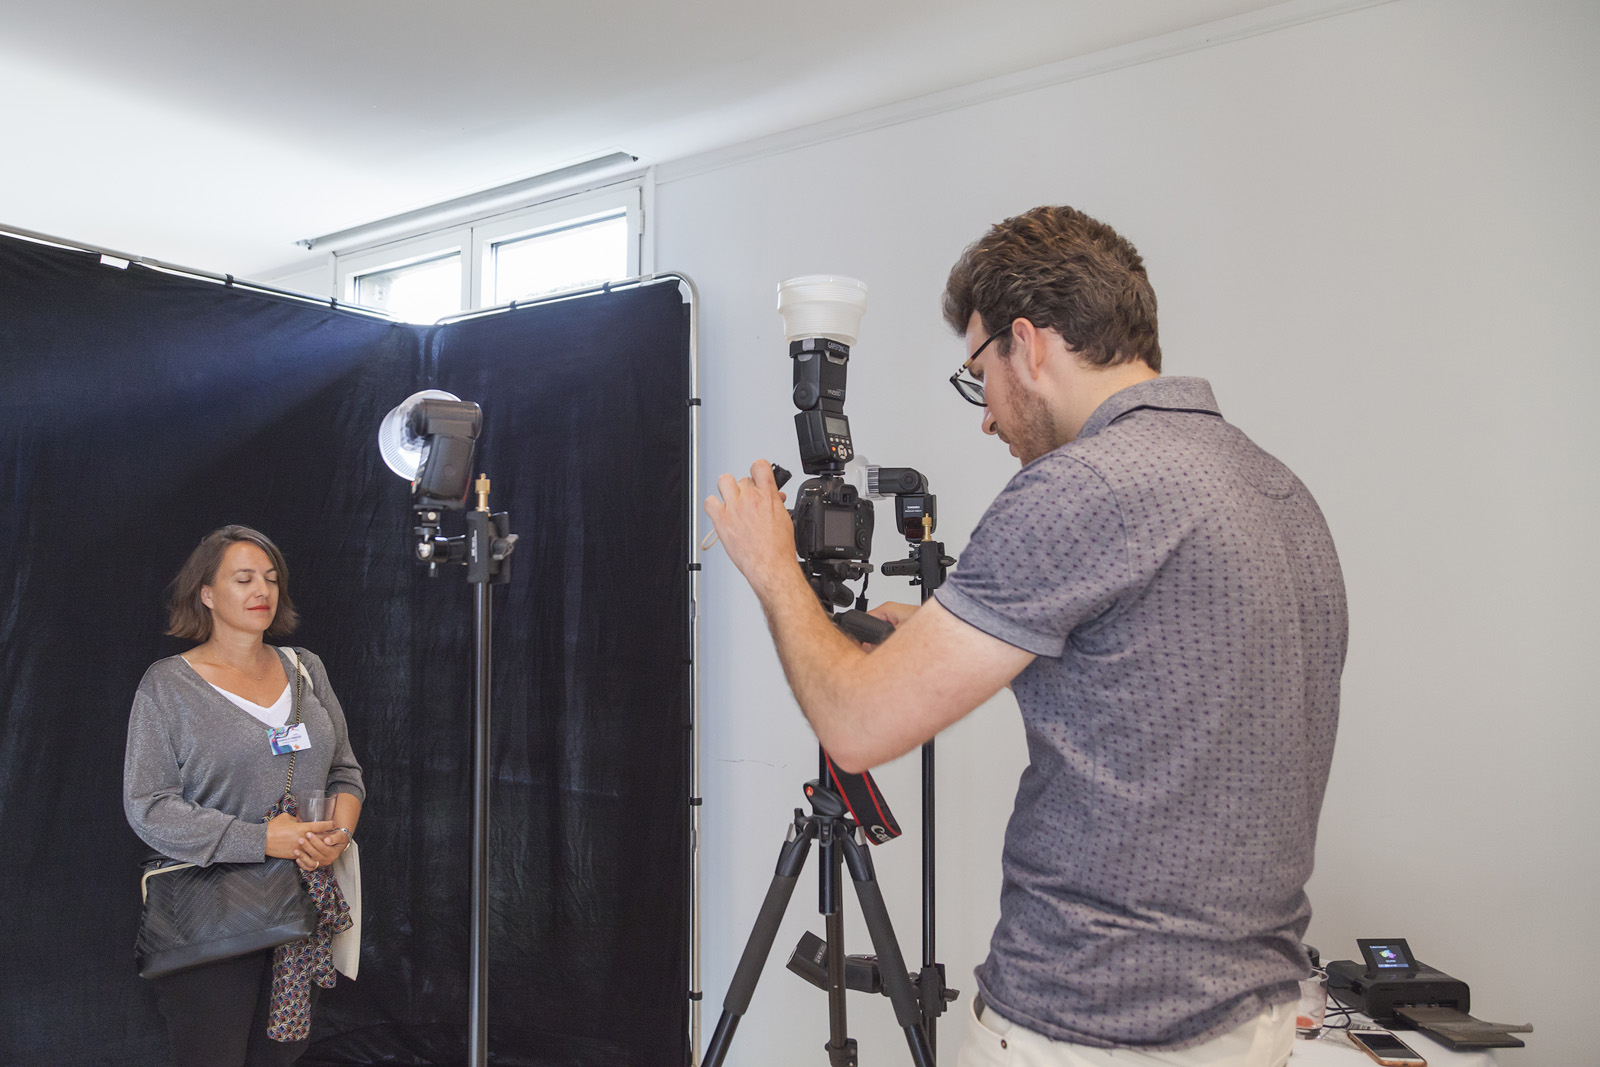 AG de la FEBEA, atelier de portrait en ultraviolet du photographe Pierre-Louis Ferrer